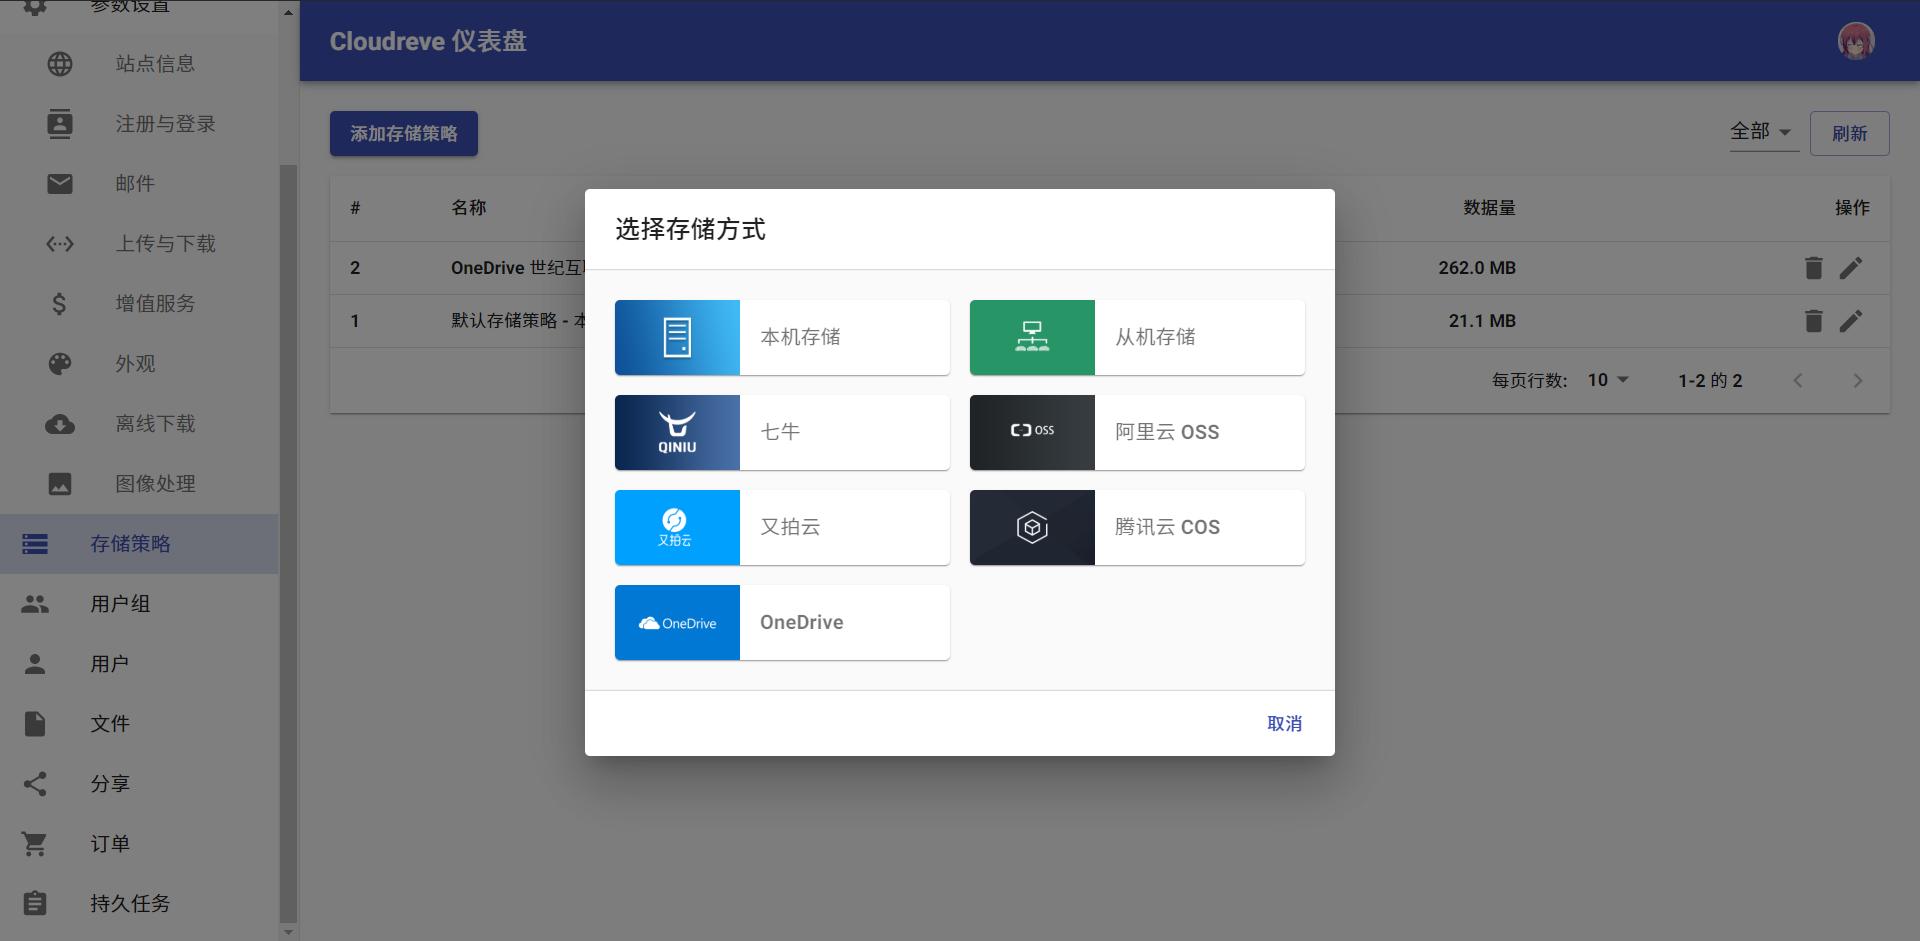 Cloudreve  V3  RC 版本发布(支持 OneDrive:国际版/世纪互联版)